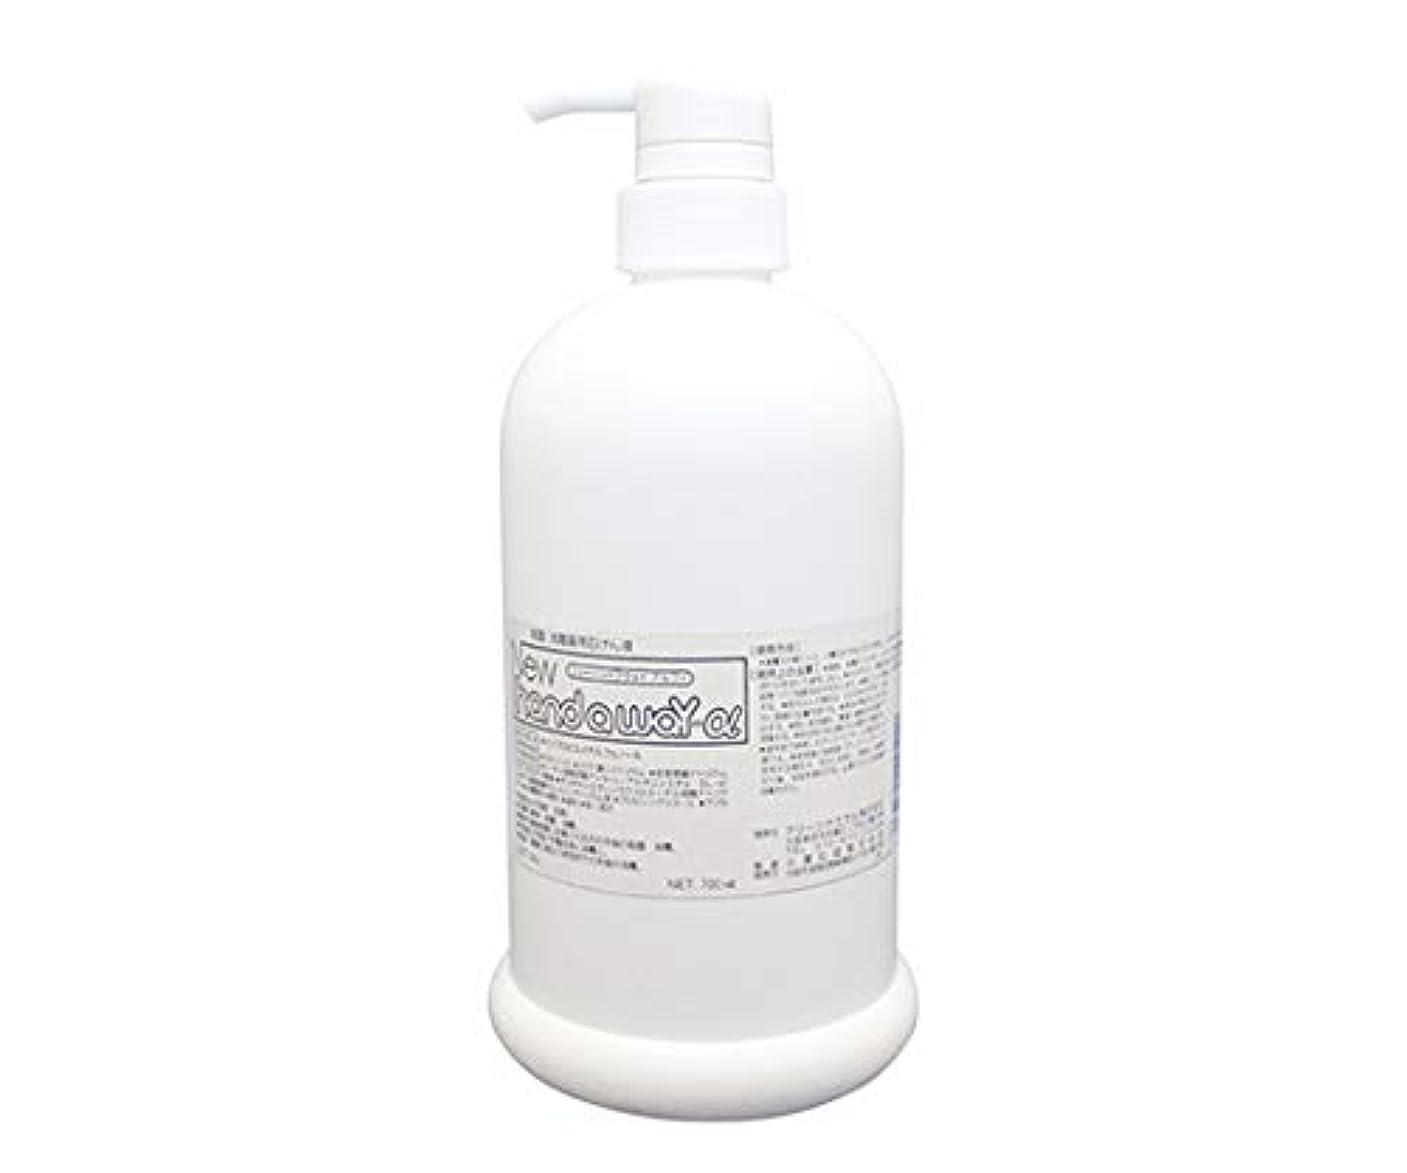 バンク火山学ワーム薬用石けん液 ニューハンドアウェイα ボトルタイプ 700mL